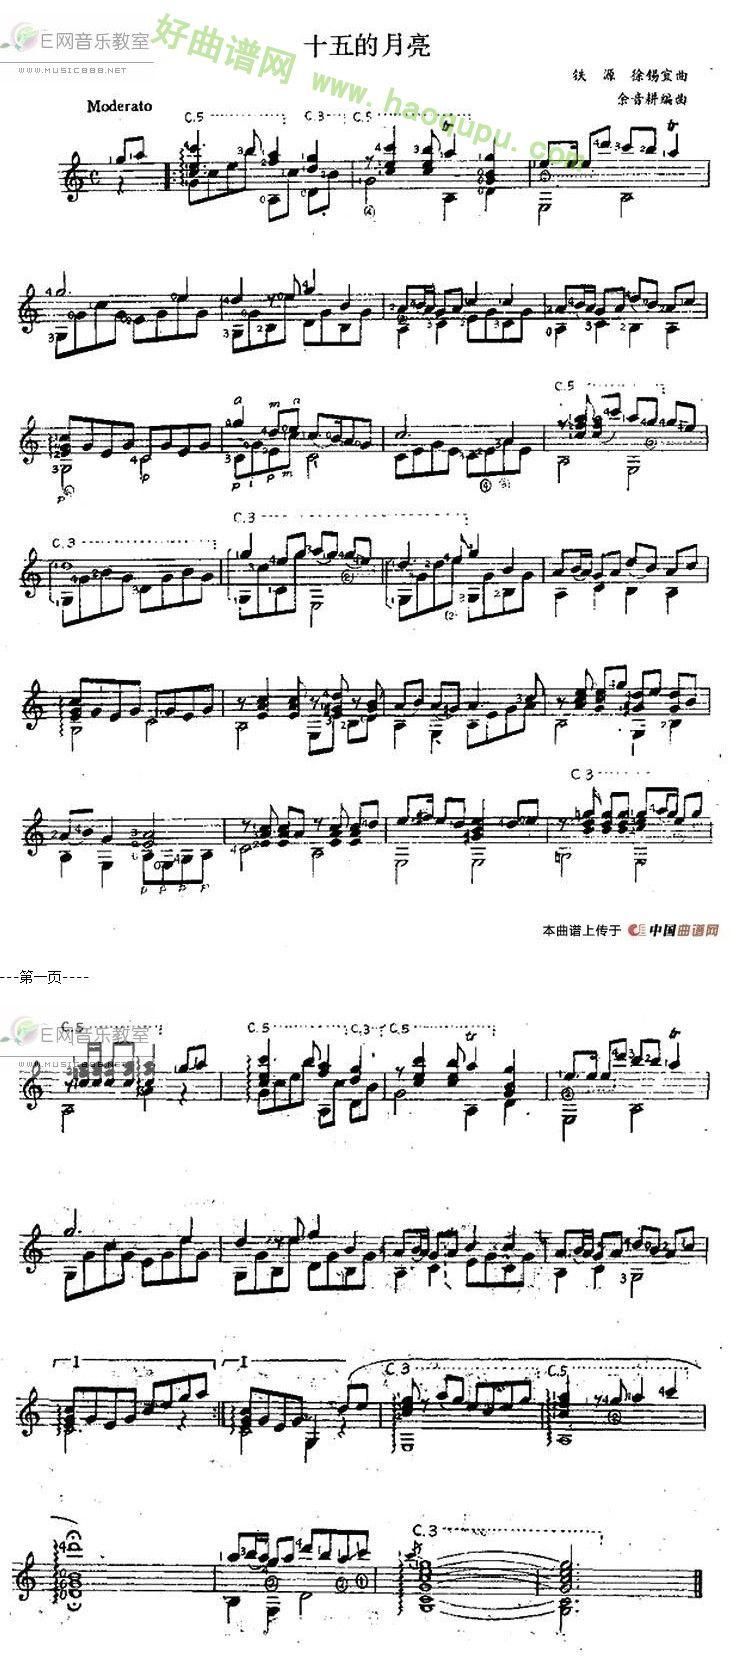 《十五的月亮》 - 吉他谱